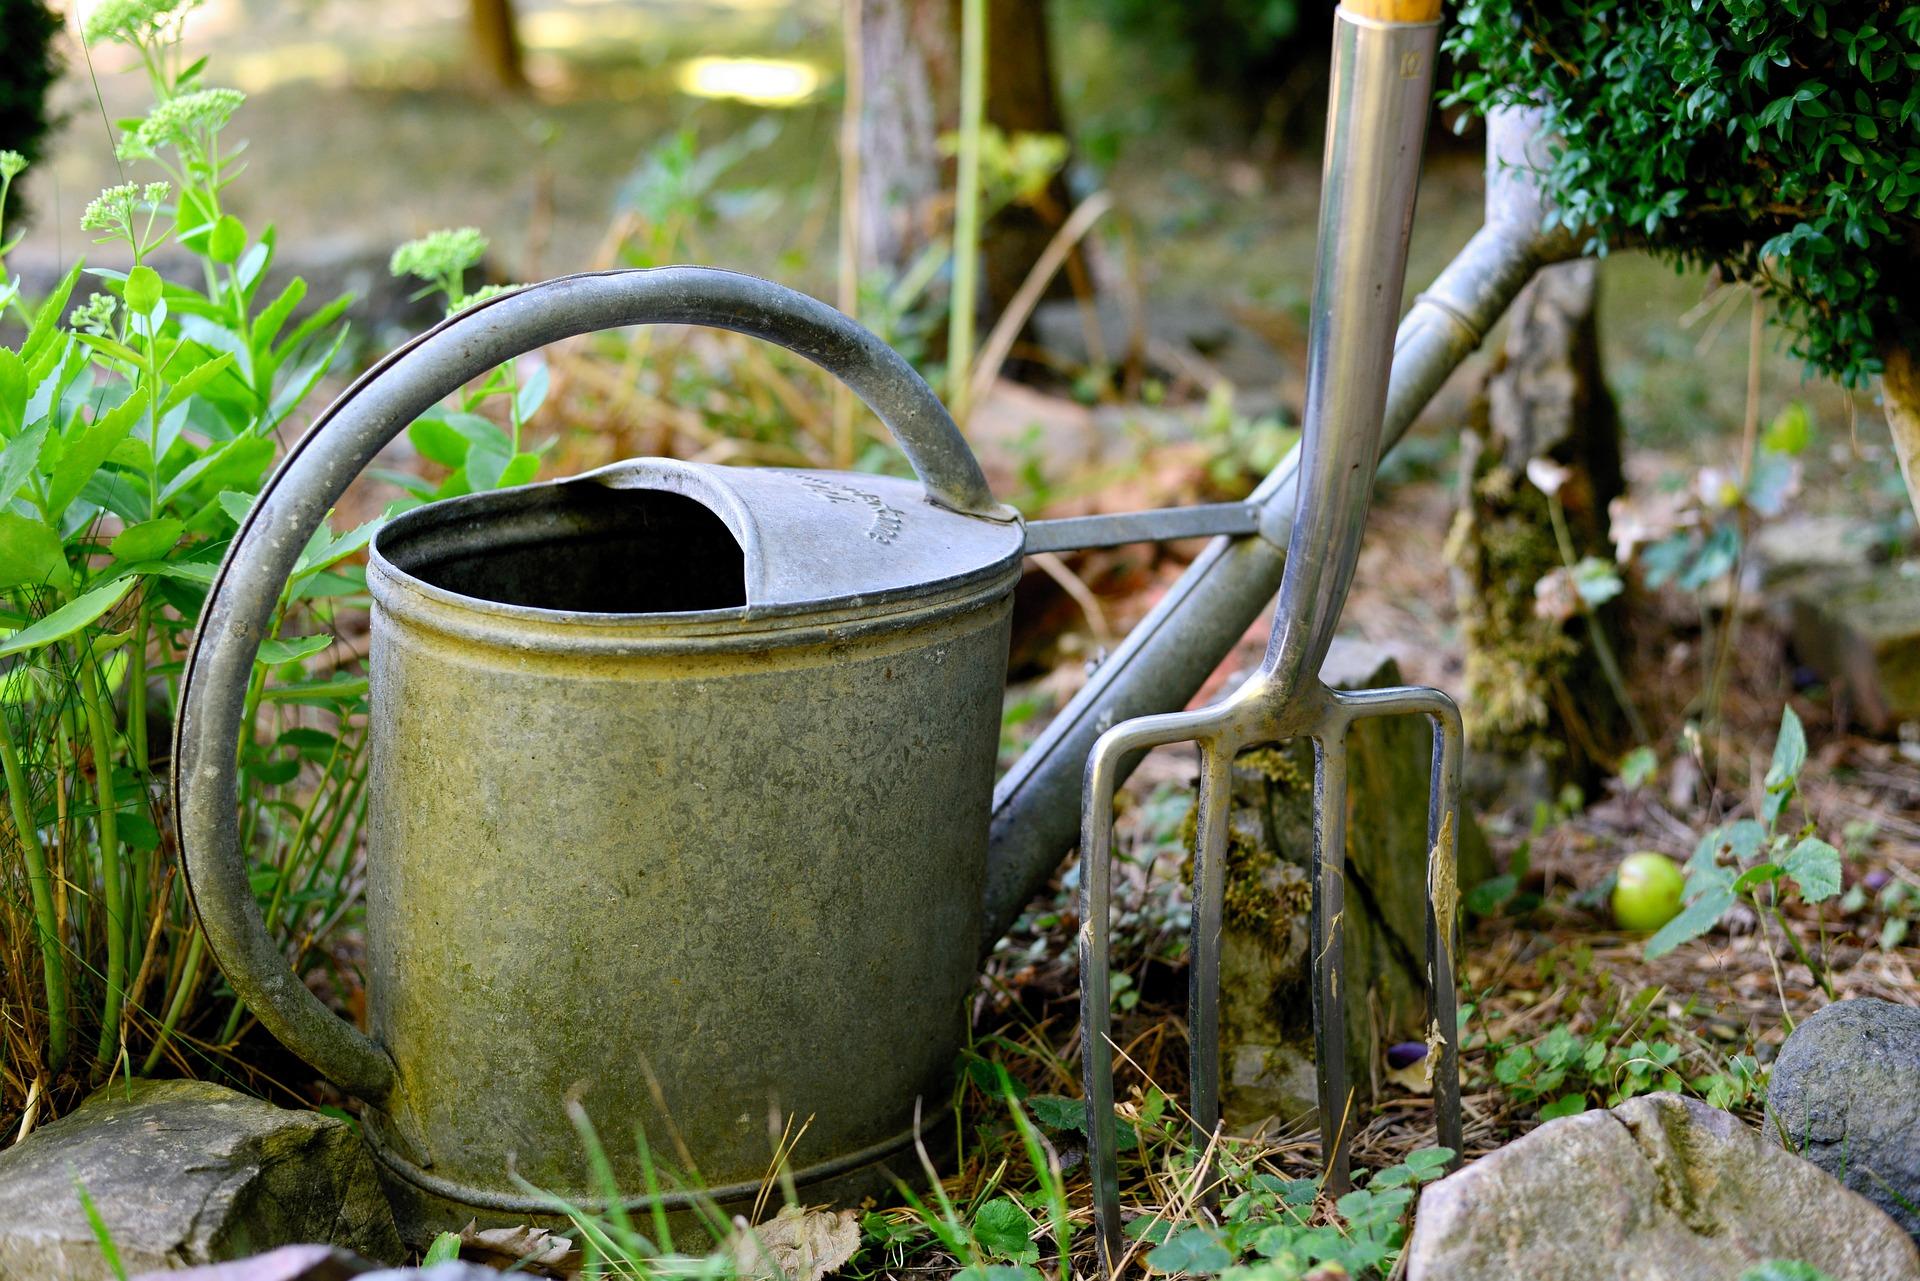 watering-can-3630281_1920.jpg